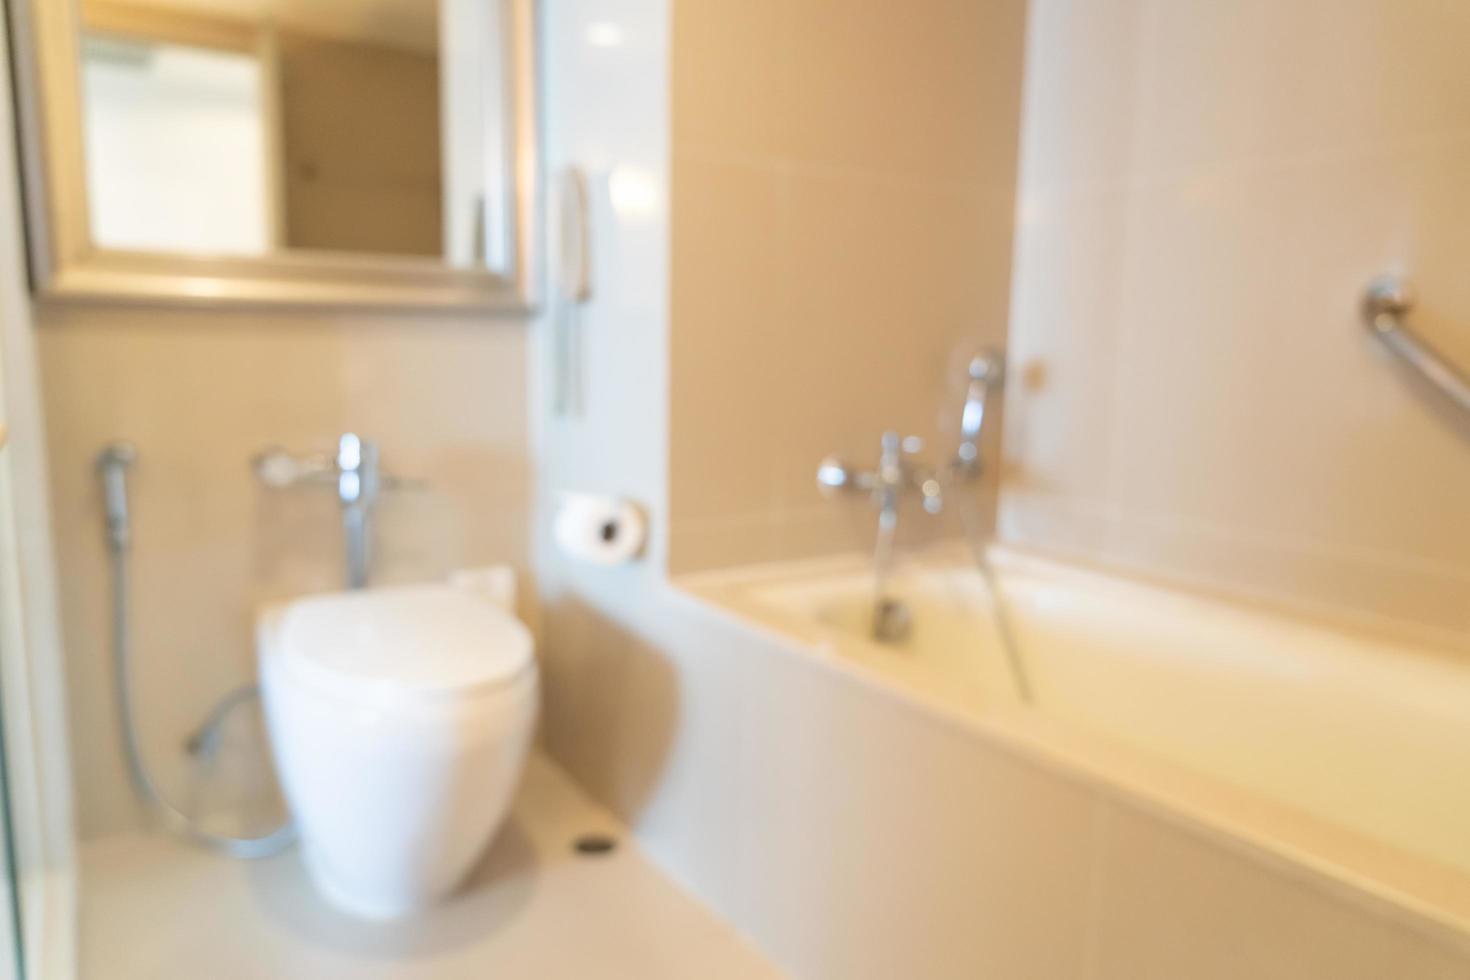 abstrakt oskärpa badrum eller toalett för bakgrund foto